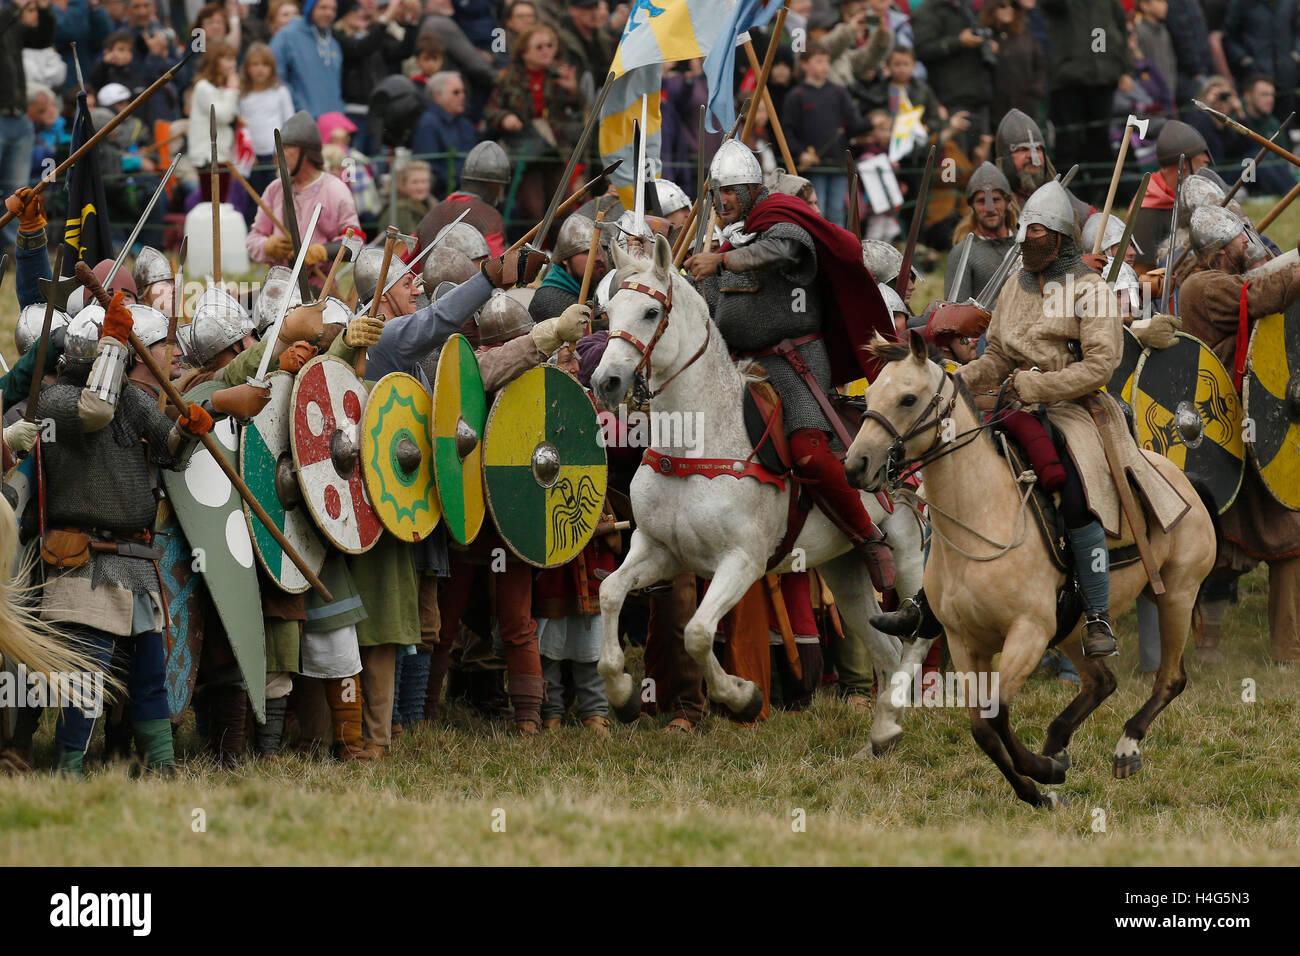 Battle, East Sussex, Reino Unido. 15 de octubre de 2016. Re-enactors, vestido como los sajones y normandos realizar Imagen De Stock